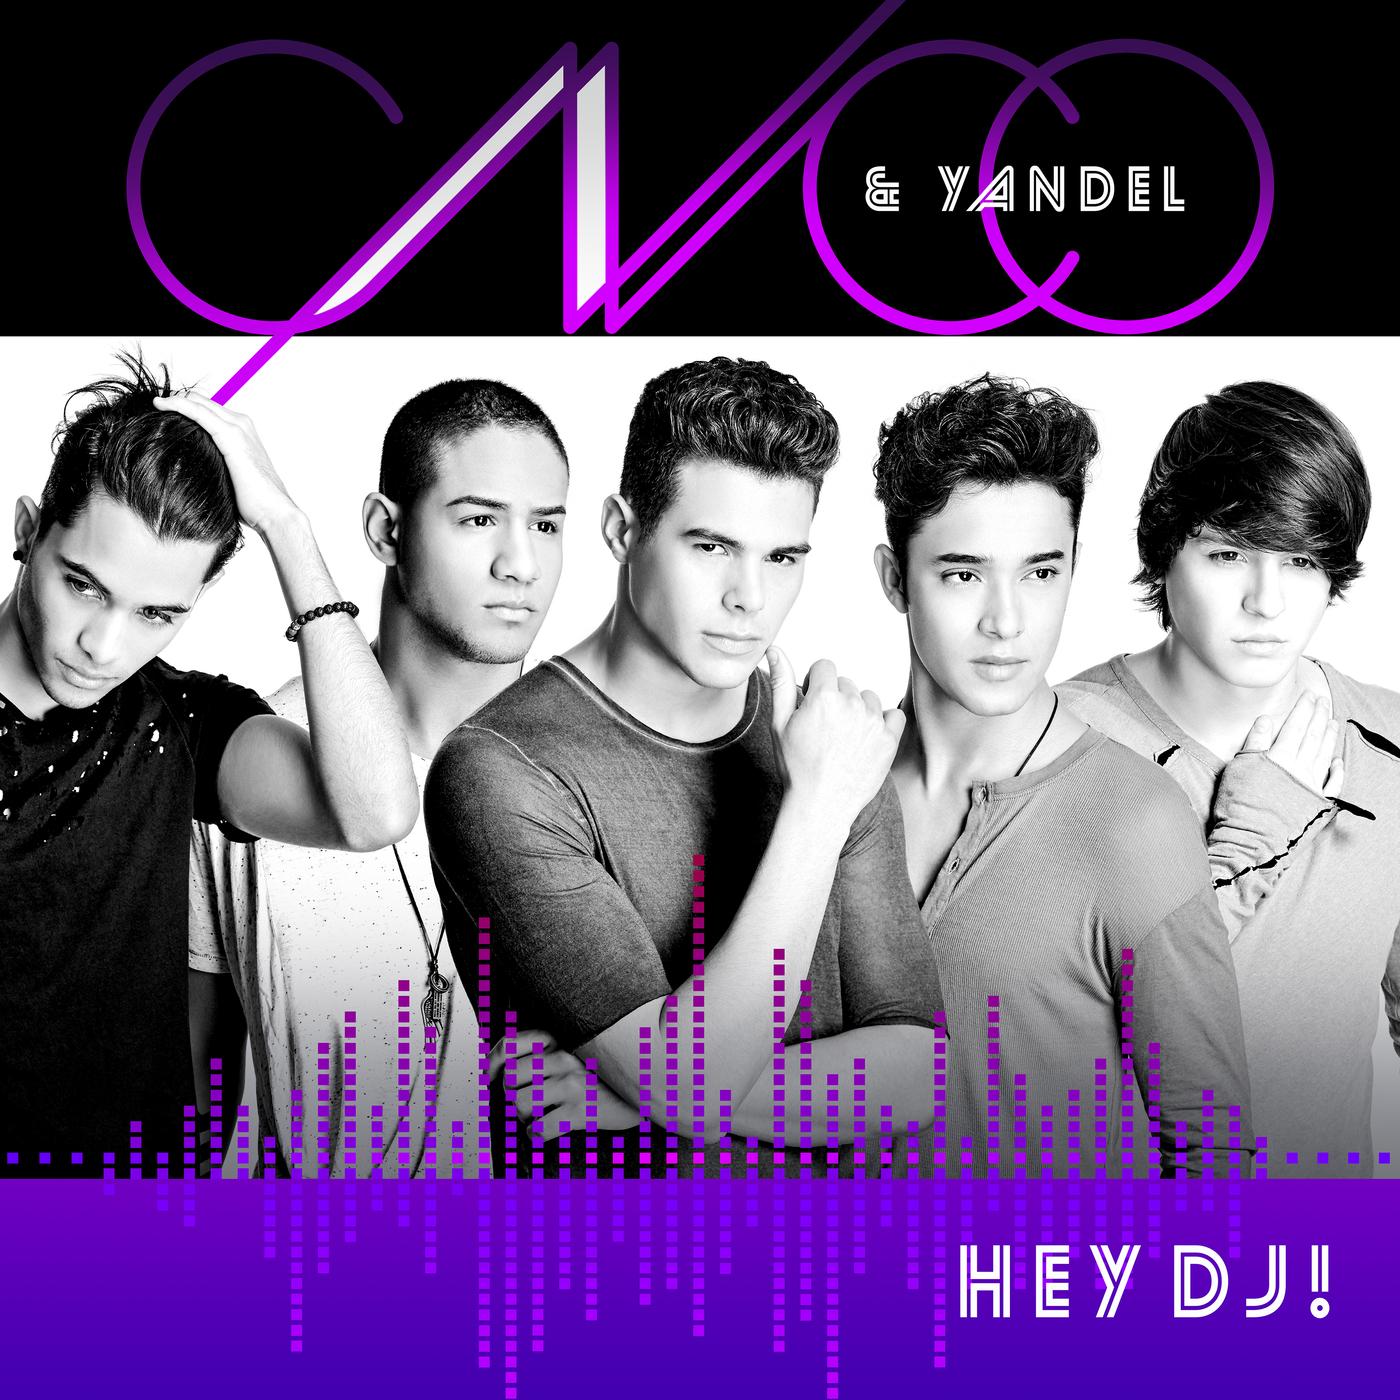 CNCO - Hey DJ